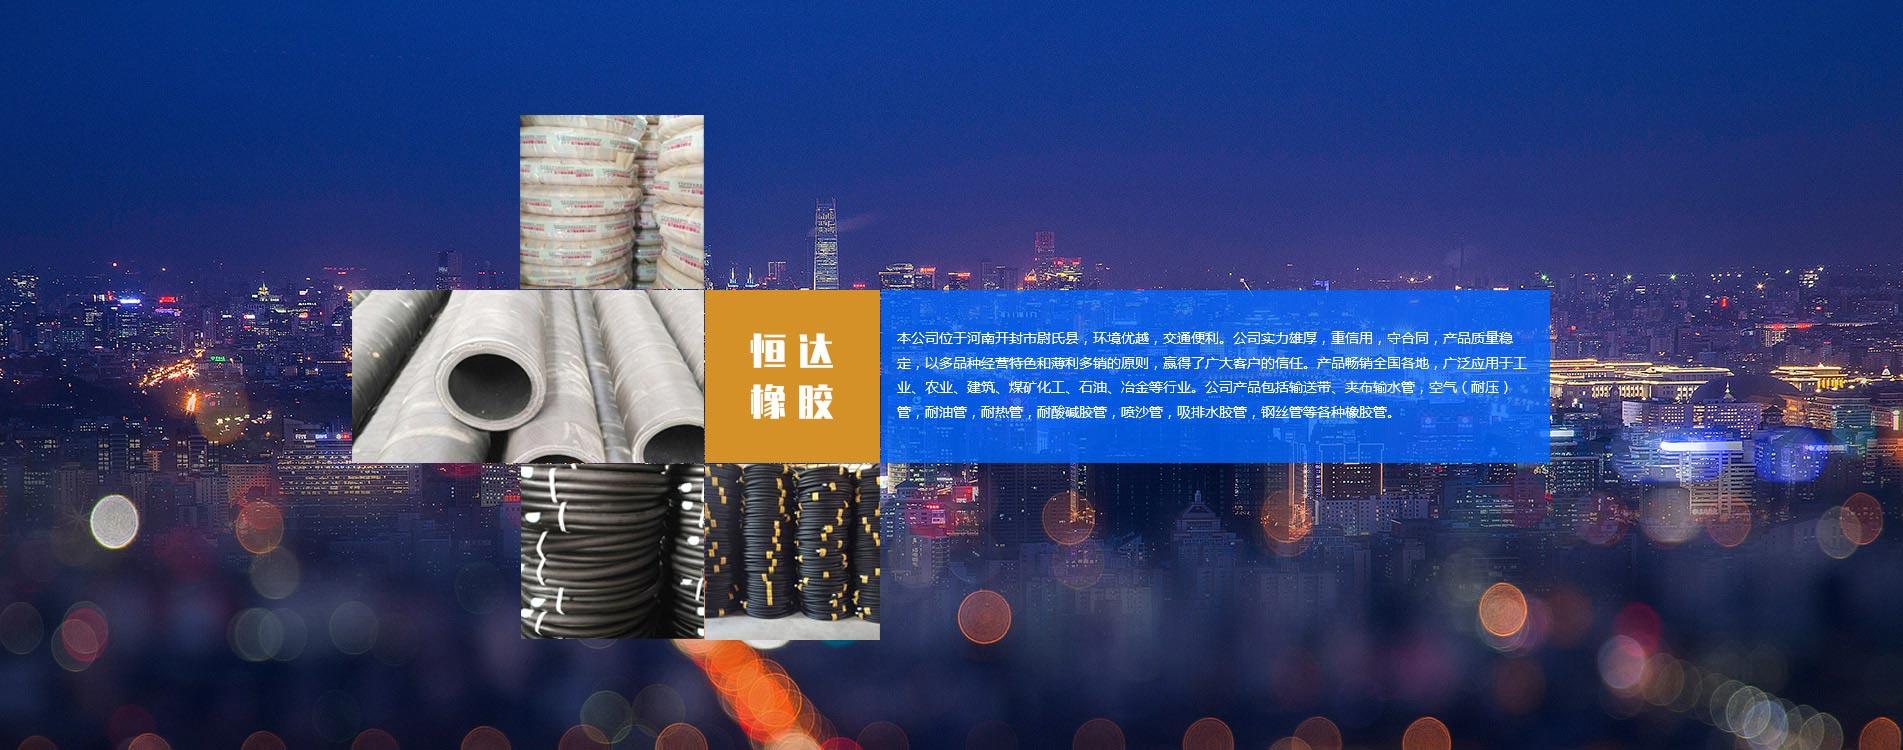 高品质夹布吸水管定制_水泵吸水管相关-开封恒达橡胶有限公司